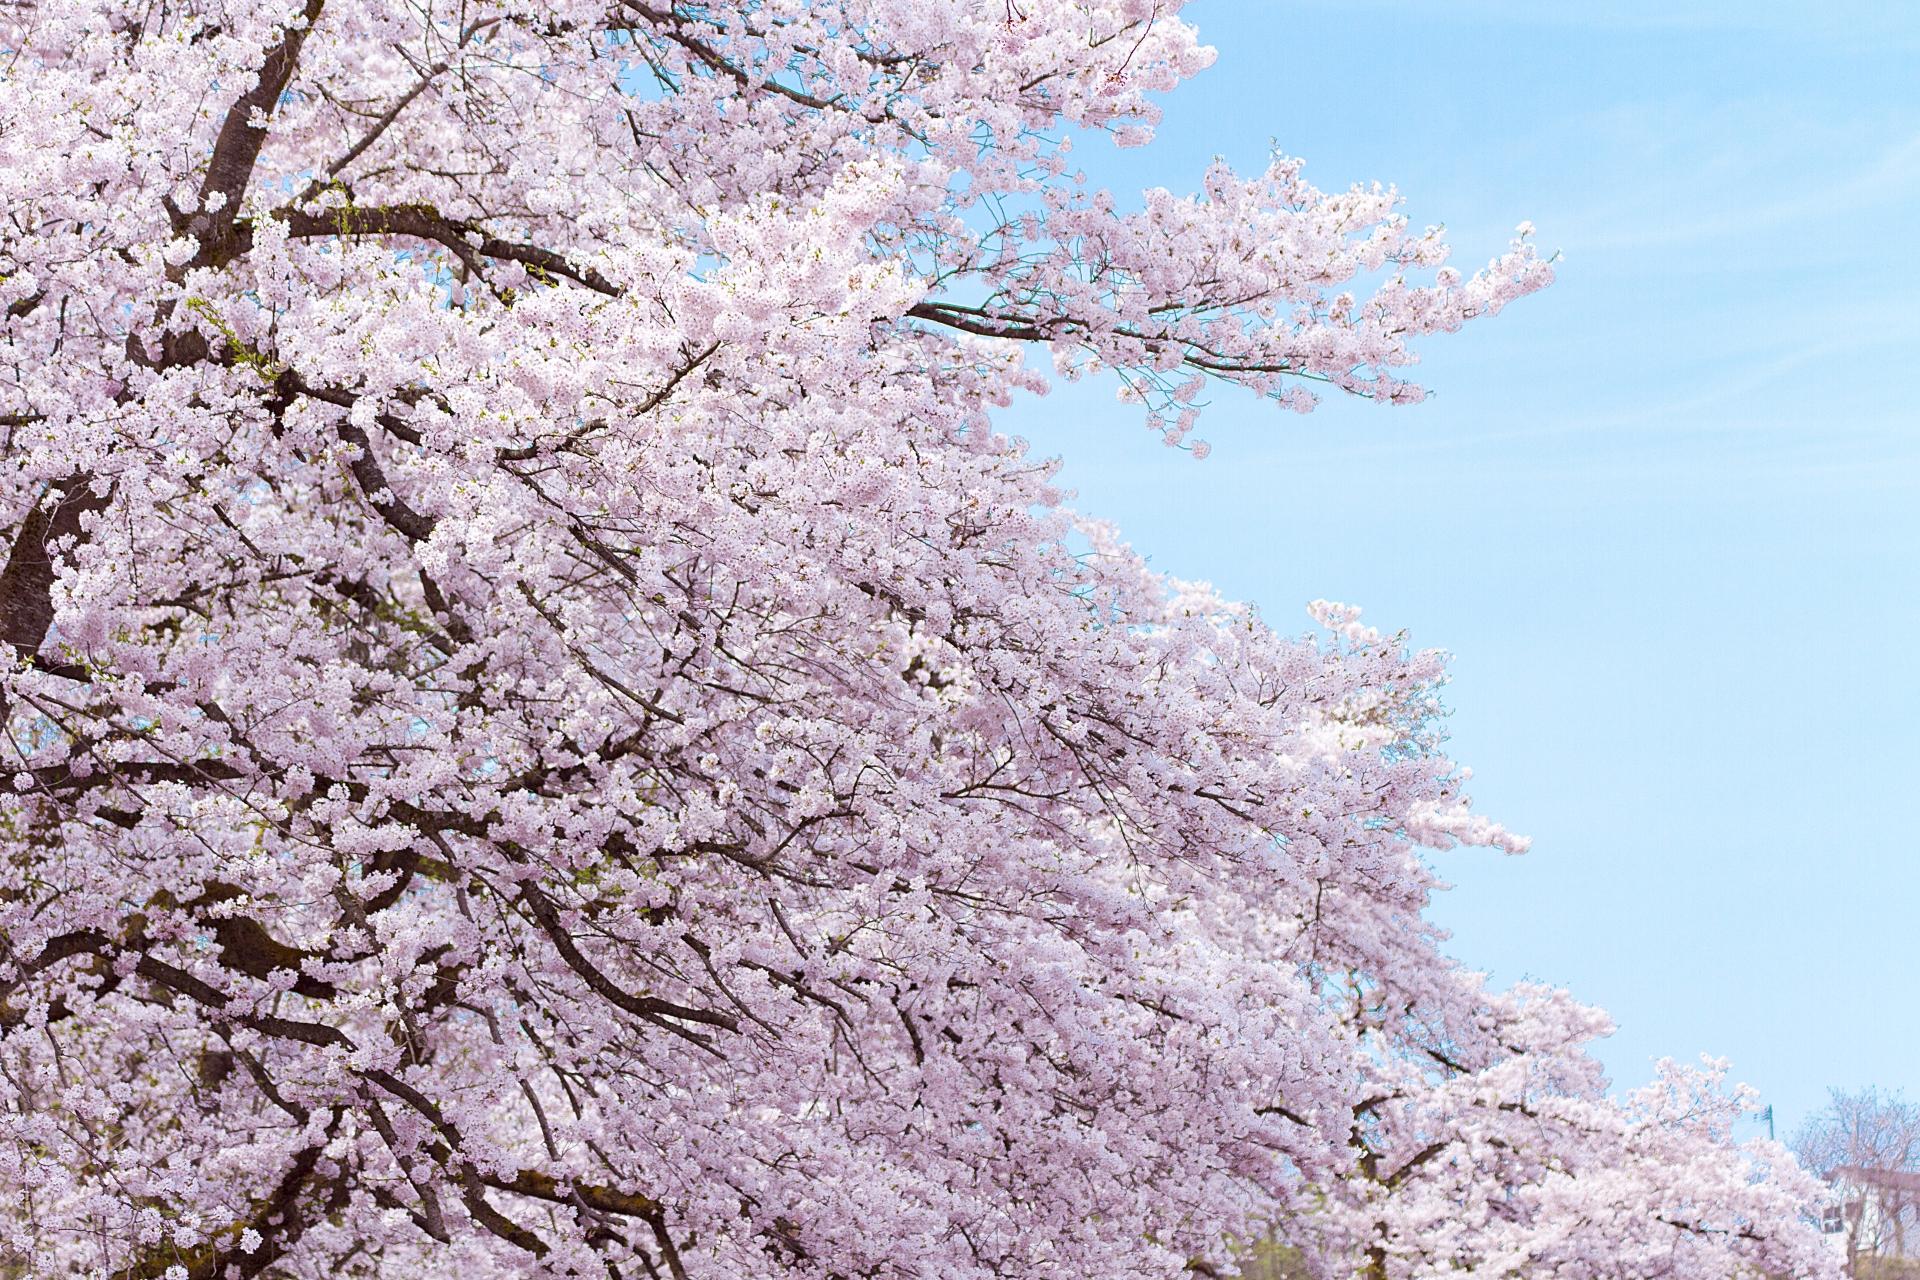 京都の桜の名所をご紹介